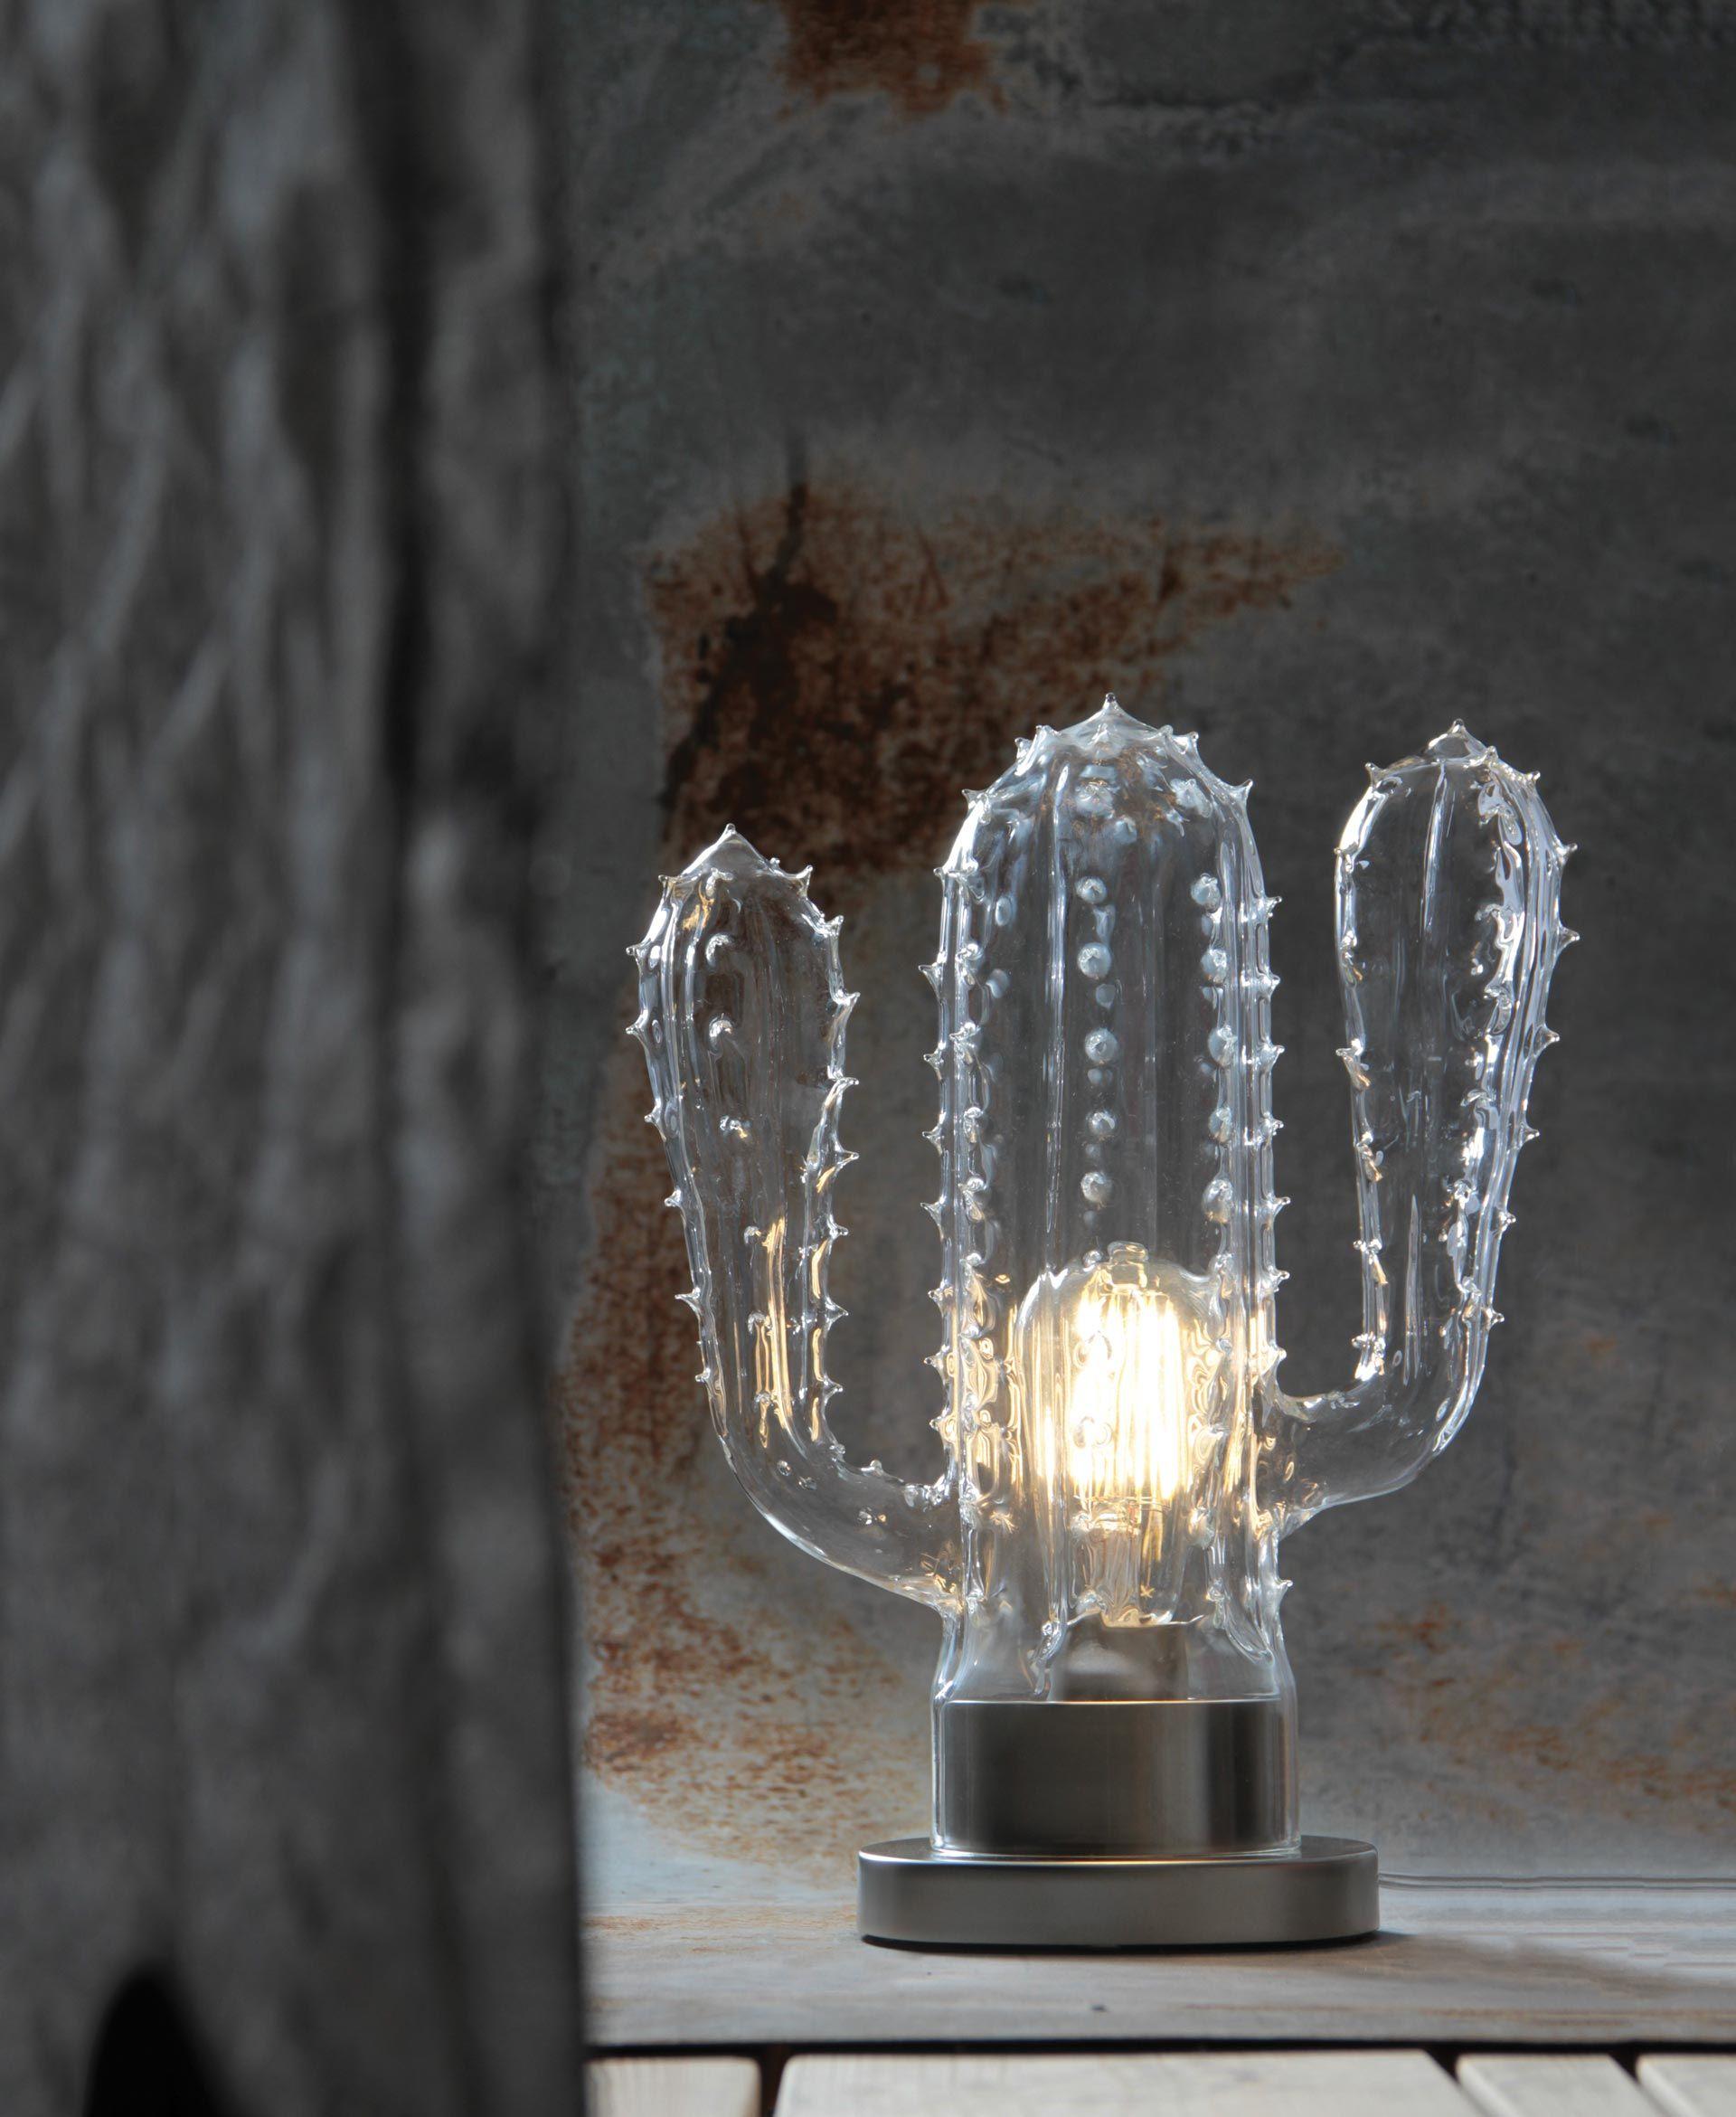 f59970fc2ef6782468d4783c6b0be3b1 Résultat Supérieur 60 Luxe Lampe Decorative Stock 2018 Ldkt